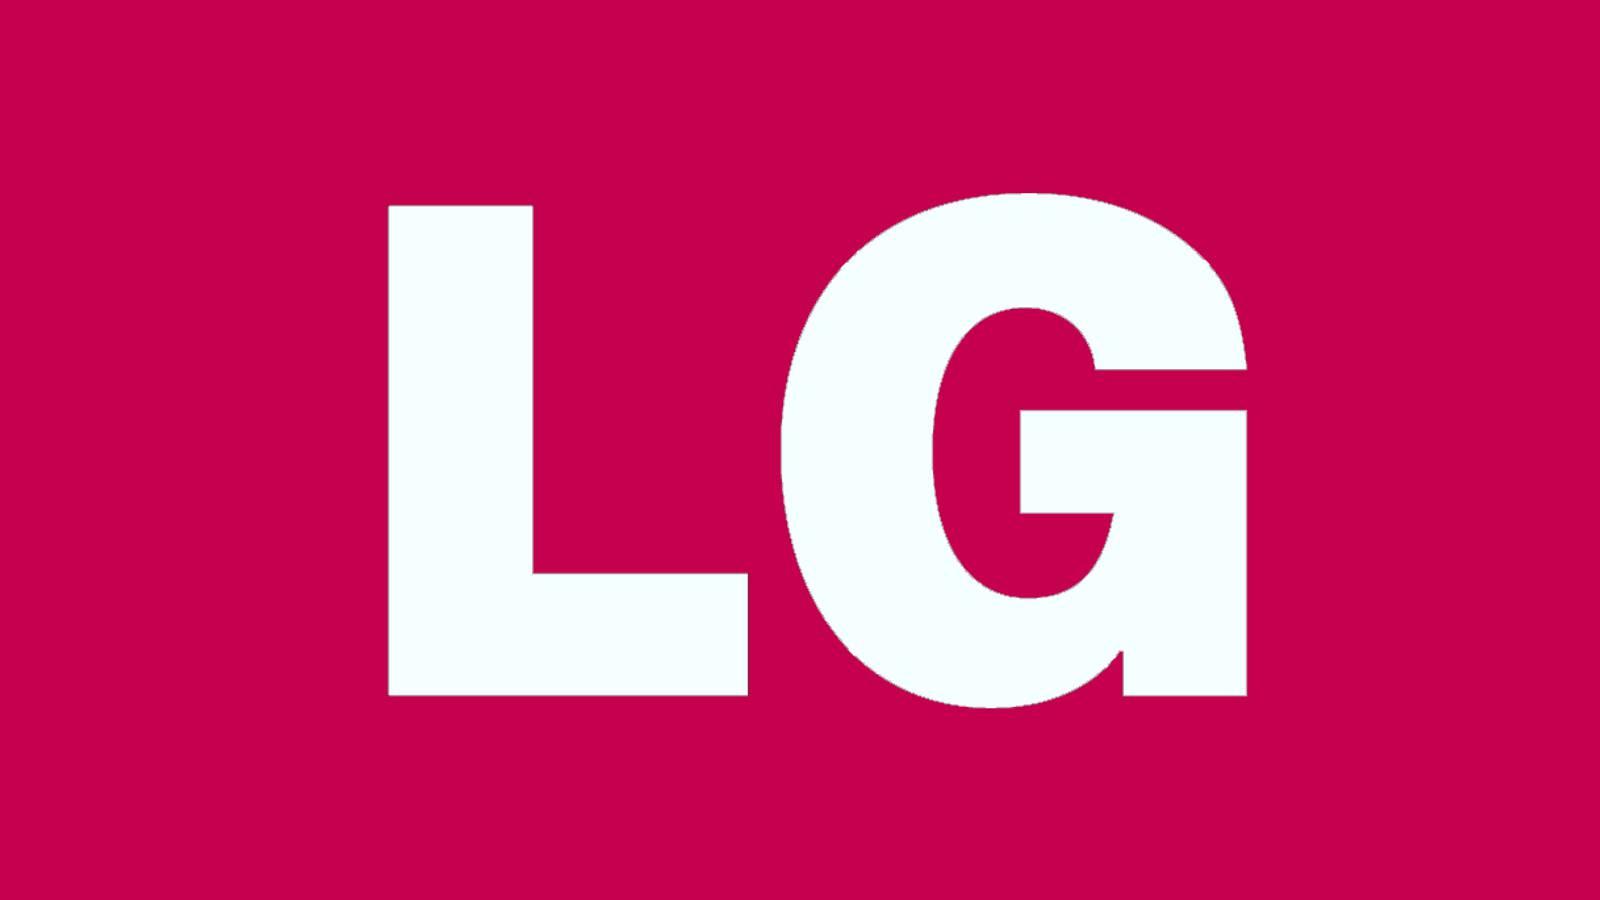 LG Anunta Renunta Productia Telefoane Mobile